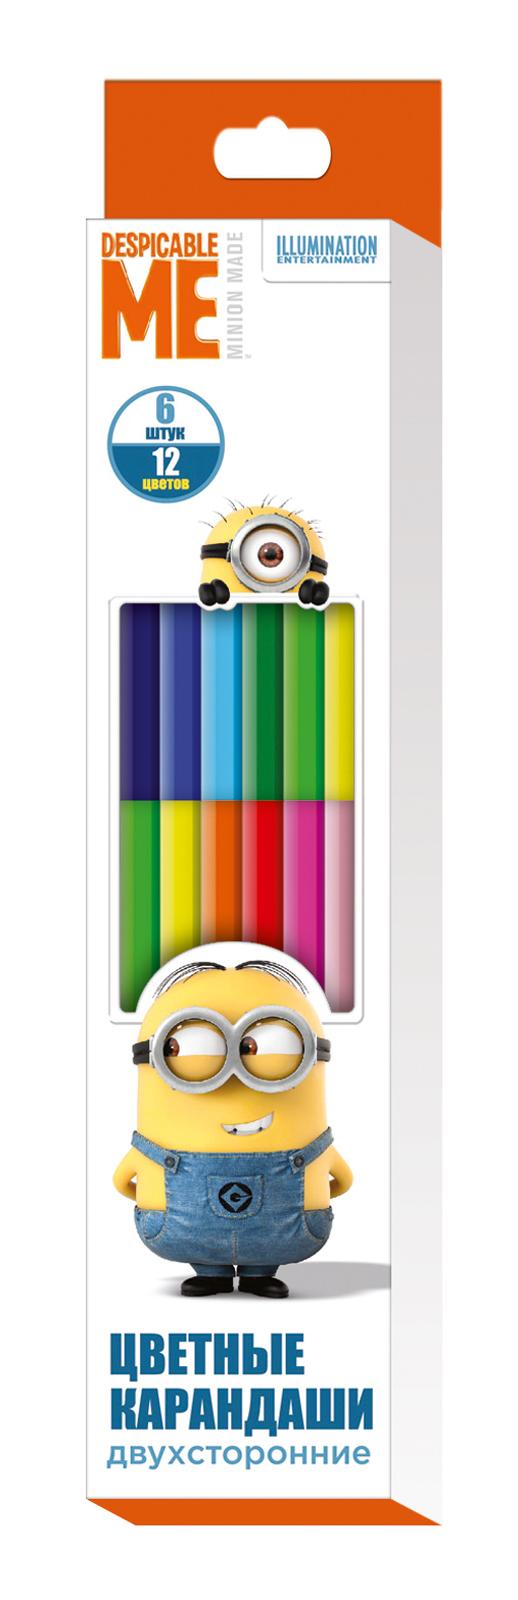 Росмэн Цветные карандаши двусторонние Universal Stios «Гадкий Я», 6 штук, 12цветов